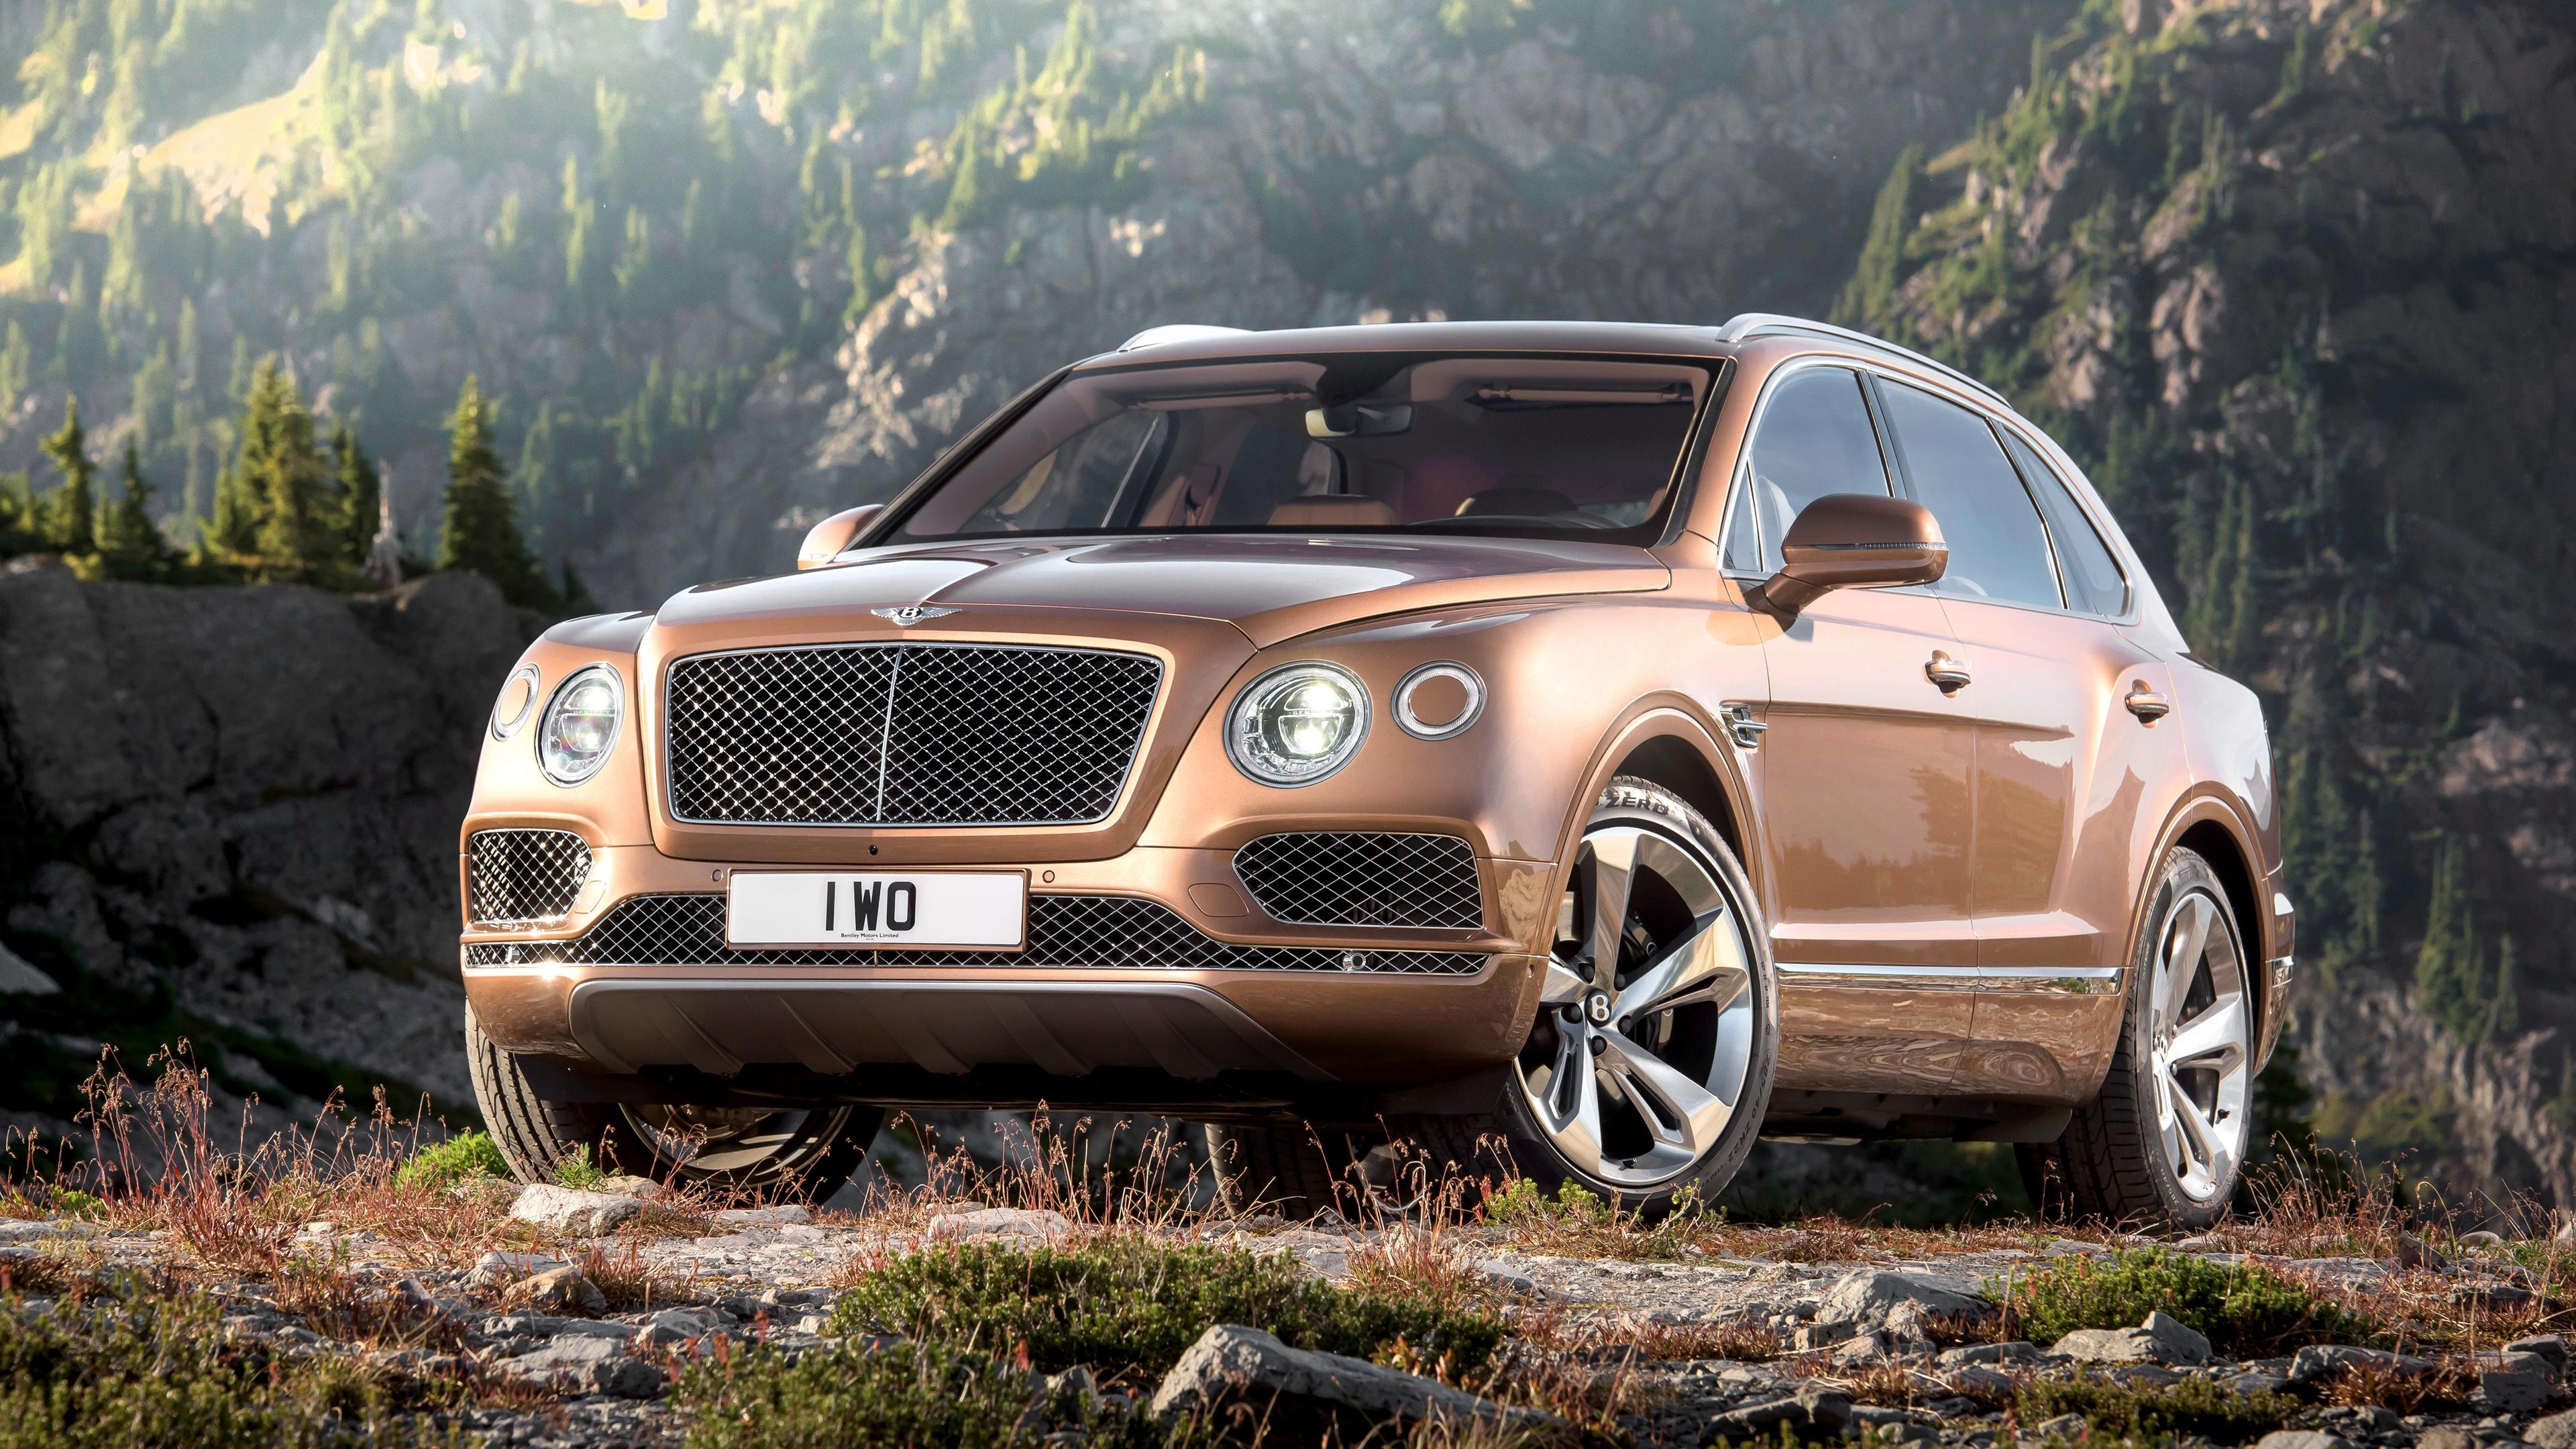 bentley bentayga brown side view 4k 1538934895 - bentley, bentayga, brown, side view 4k - Brown, Bentley, Bentayga